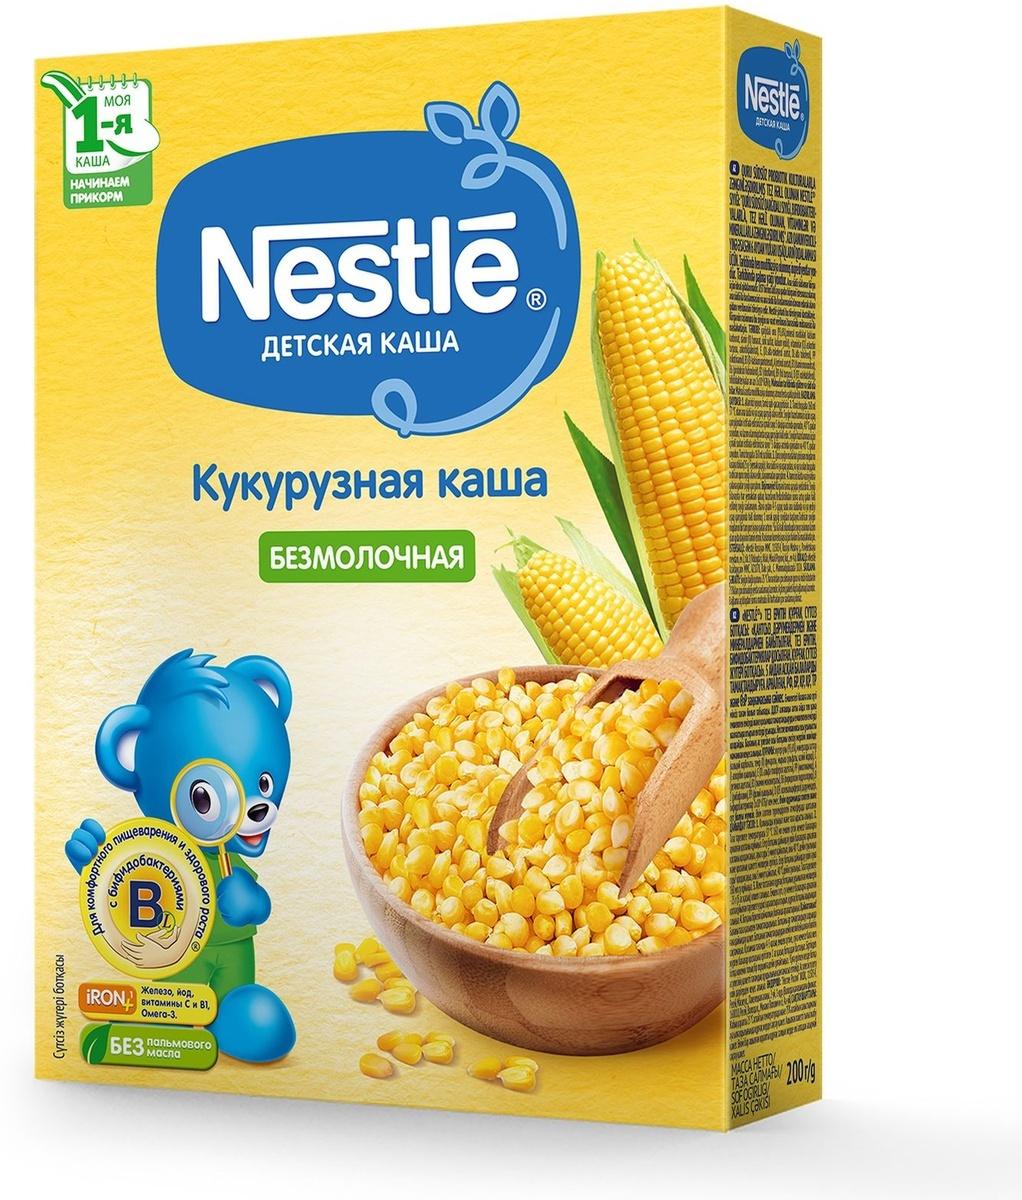 Каша кукурузная Nestle, безмолочная, для начала прикорма, с бифидобактериями BL, 200 г  #1